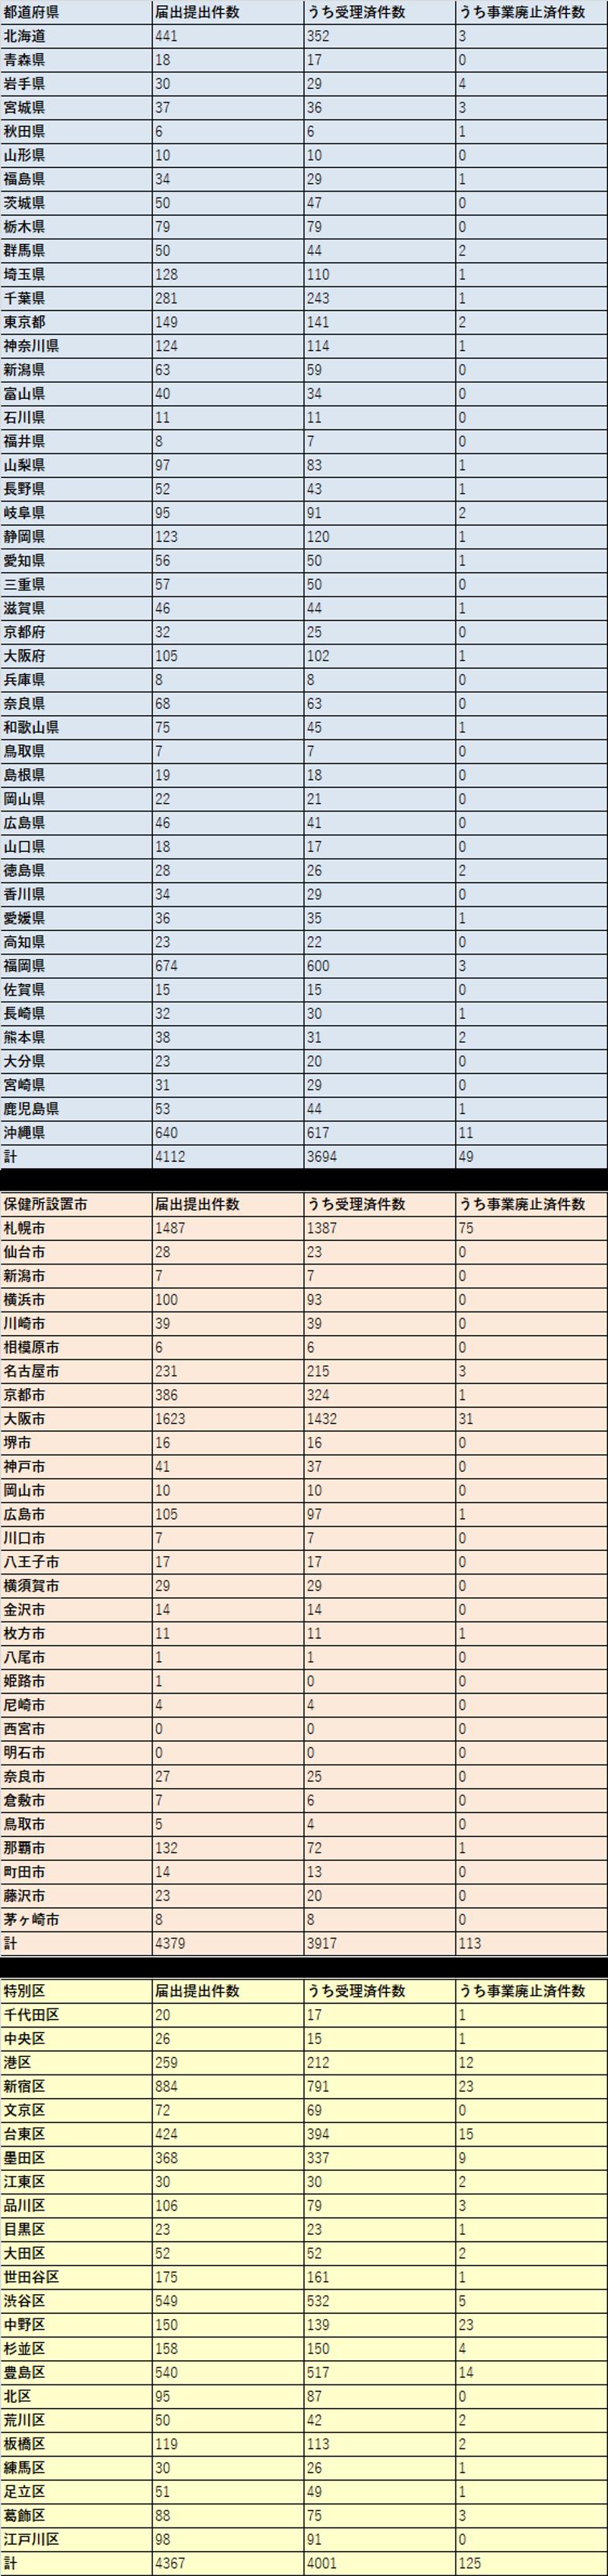 12月14日時点の住宅宿泊事業法に基づく自治体別の届出・登録申請状況一覧